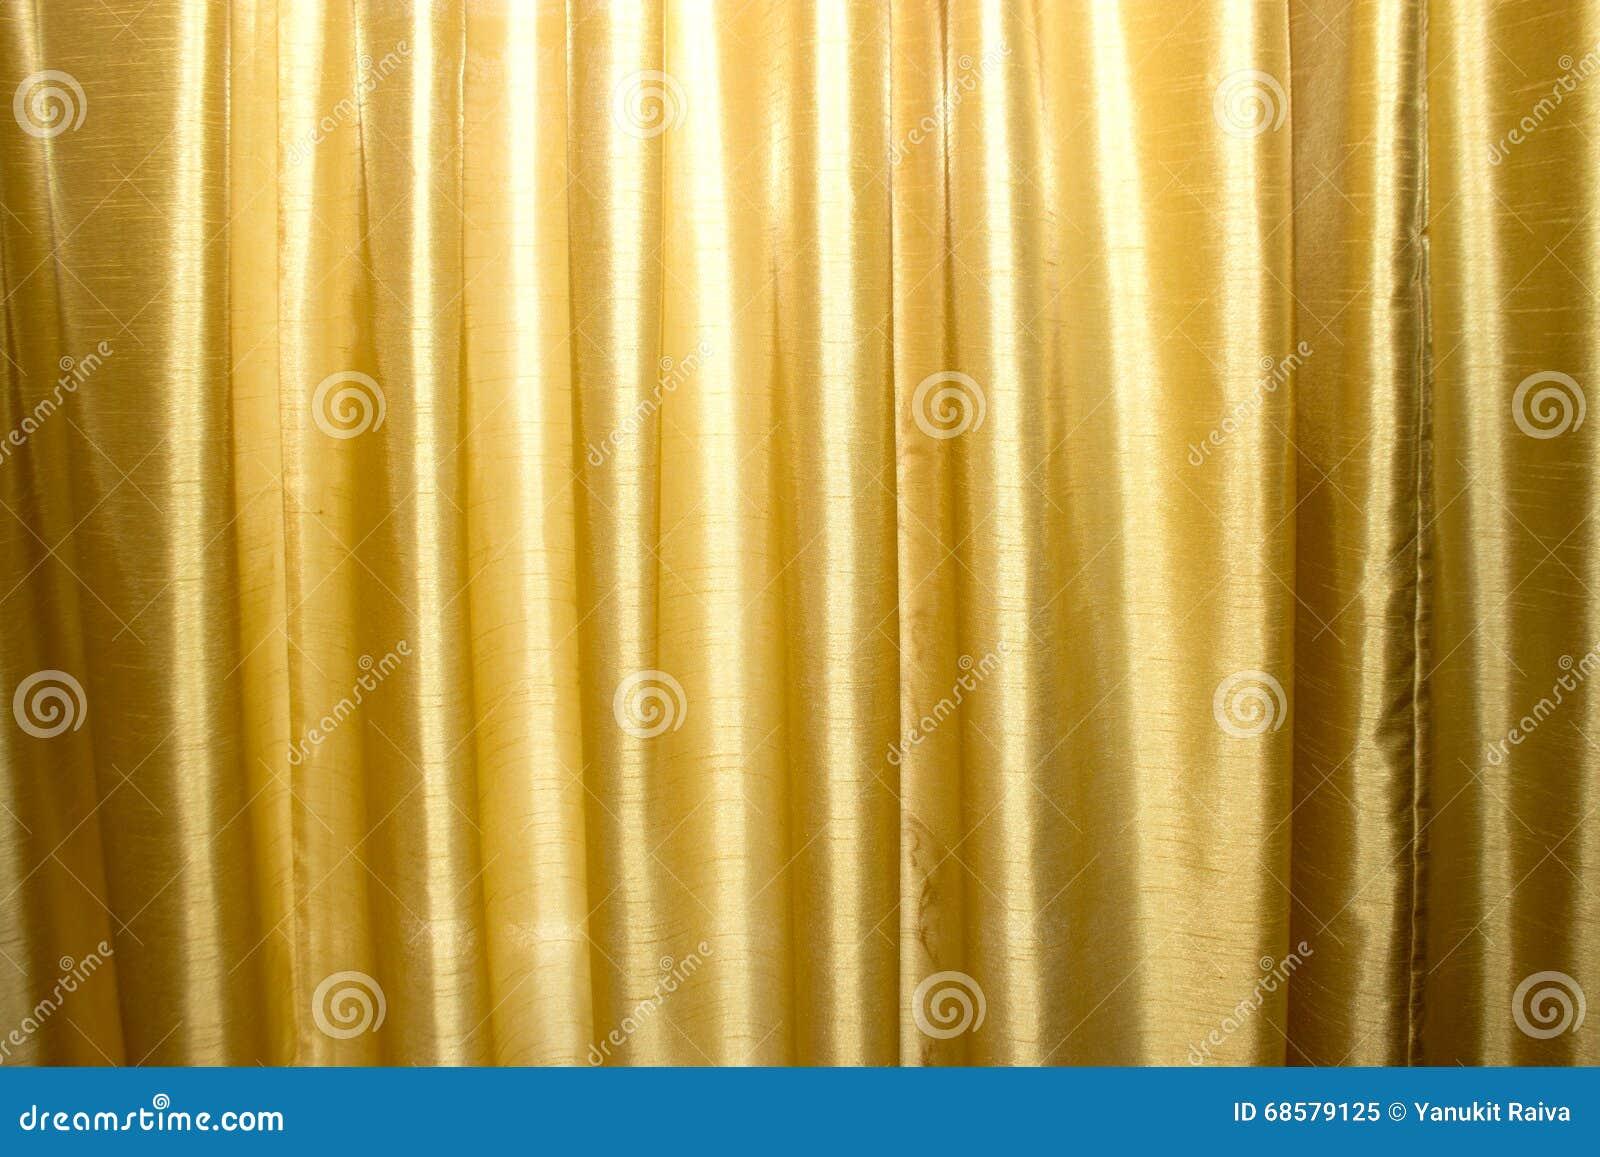 gouden gordijnen op stadium